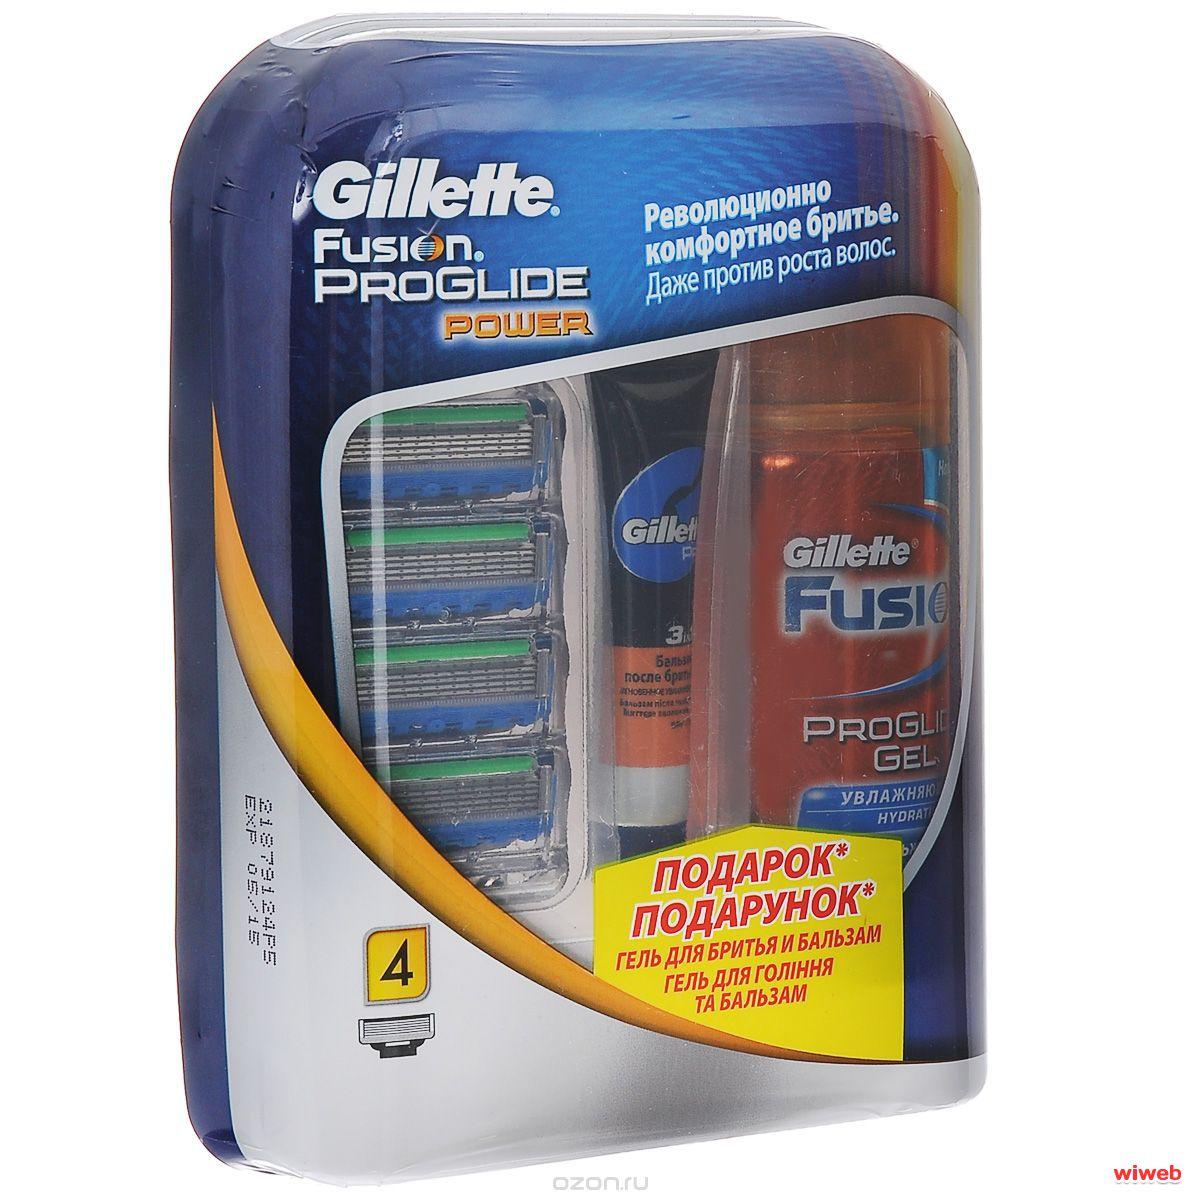 Сбор заказов. Спец предложение от Procter&Gamble на Gillette наборы. Оригинал. Экспресс